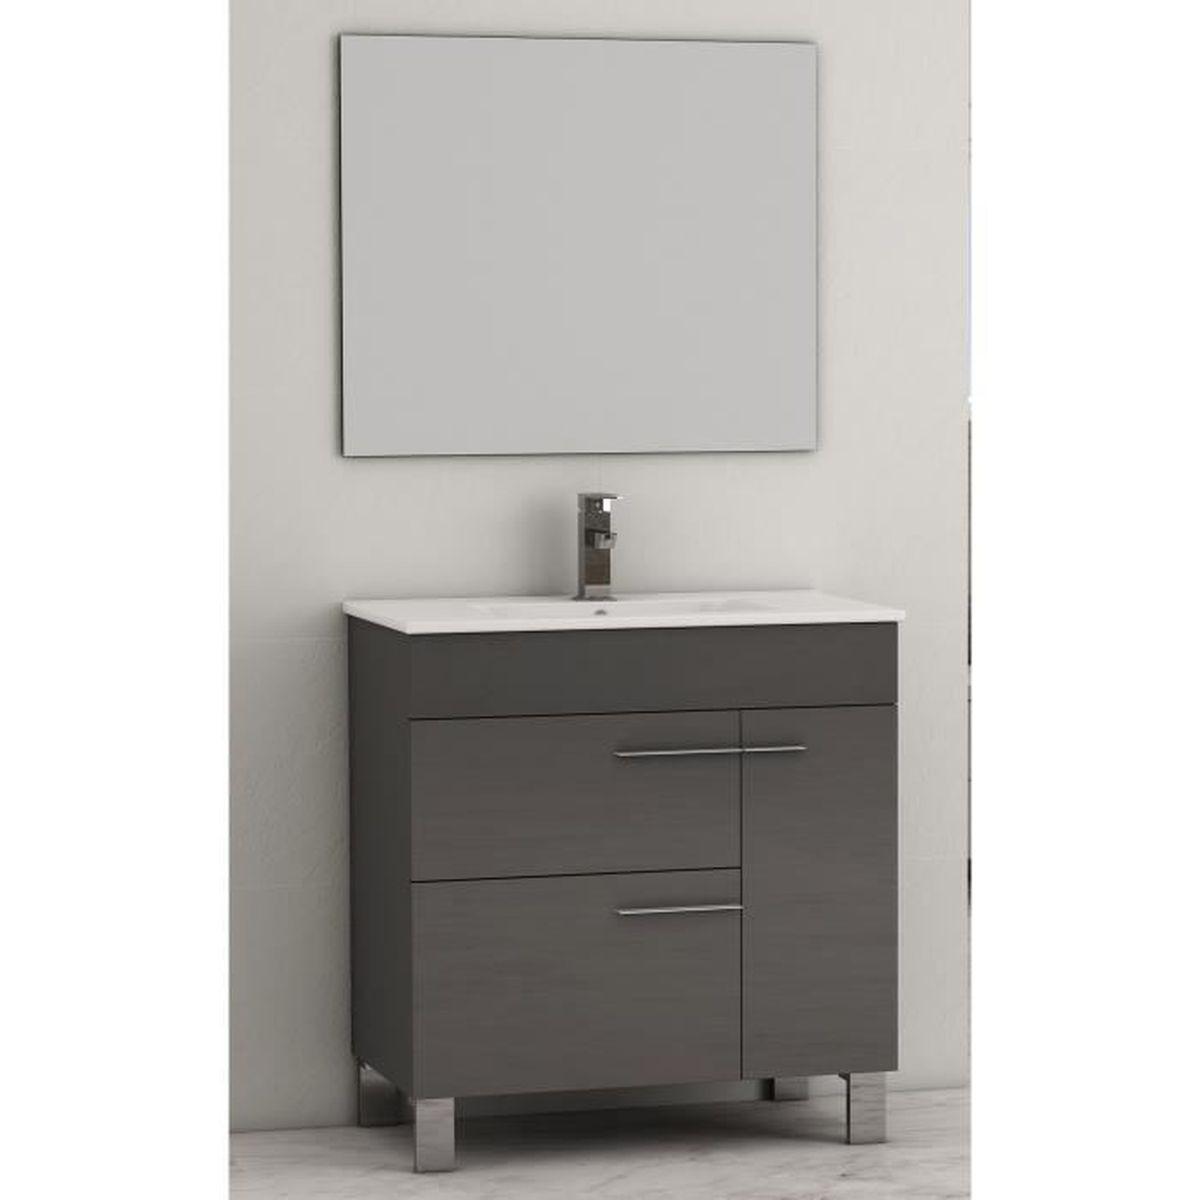 Meuble bas salle de bain 2 portes   achat / vente meuble bas salle ...